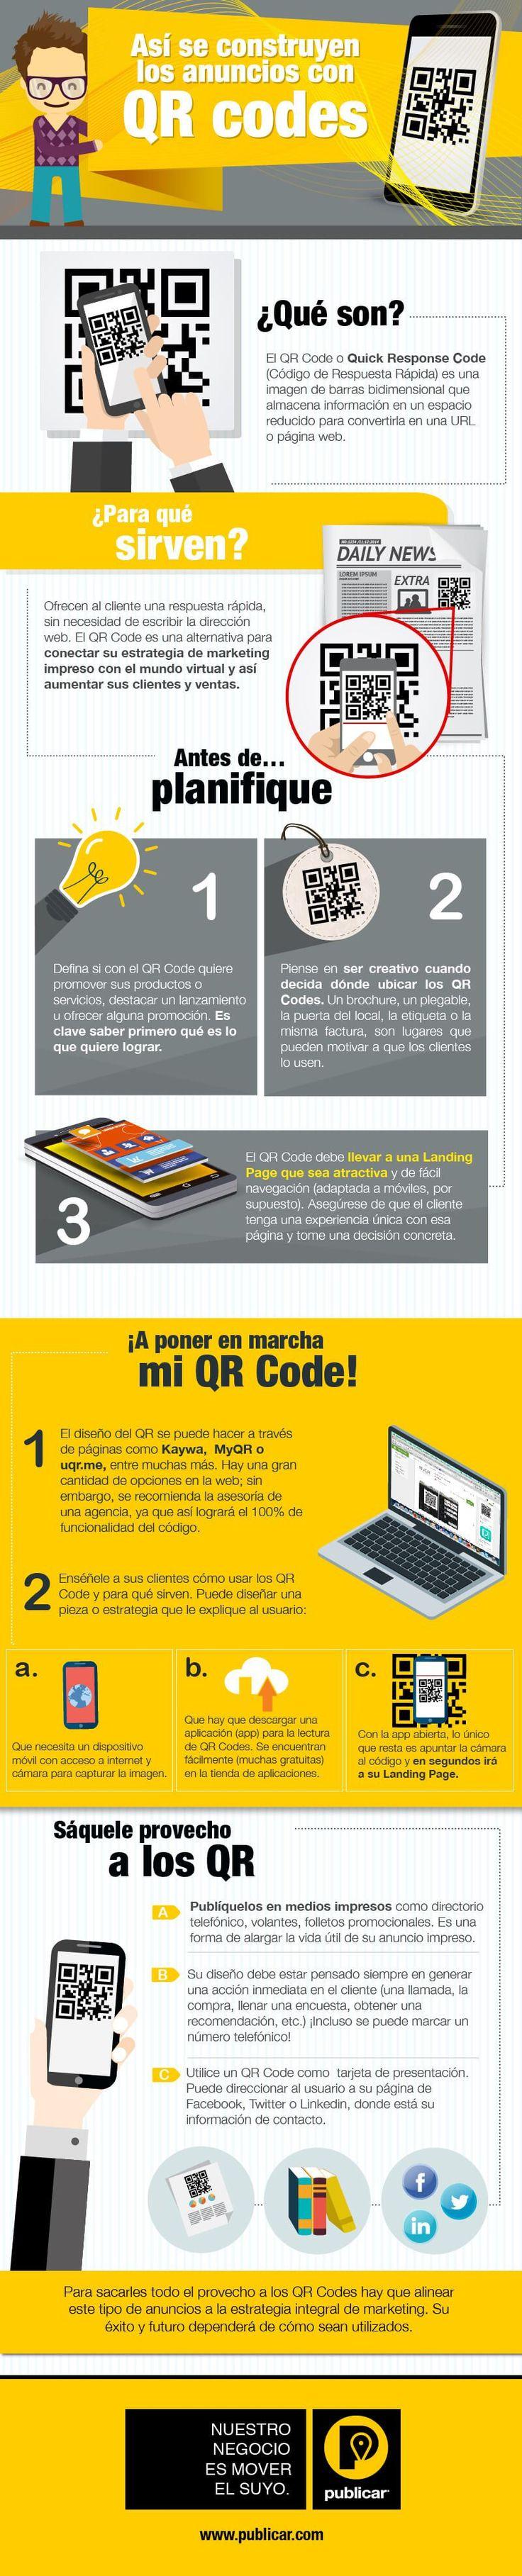 Cómo hacer anuncios con Códigos QR #infografia #infographic #marketing Ideas Negocios Online para www.masymejor.com